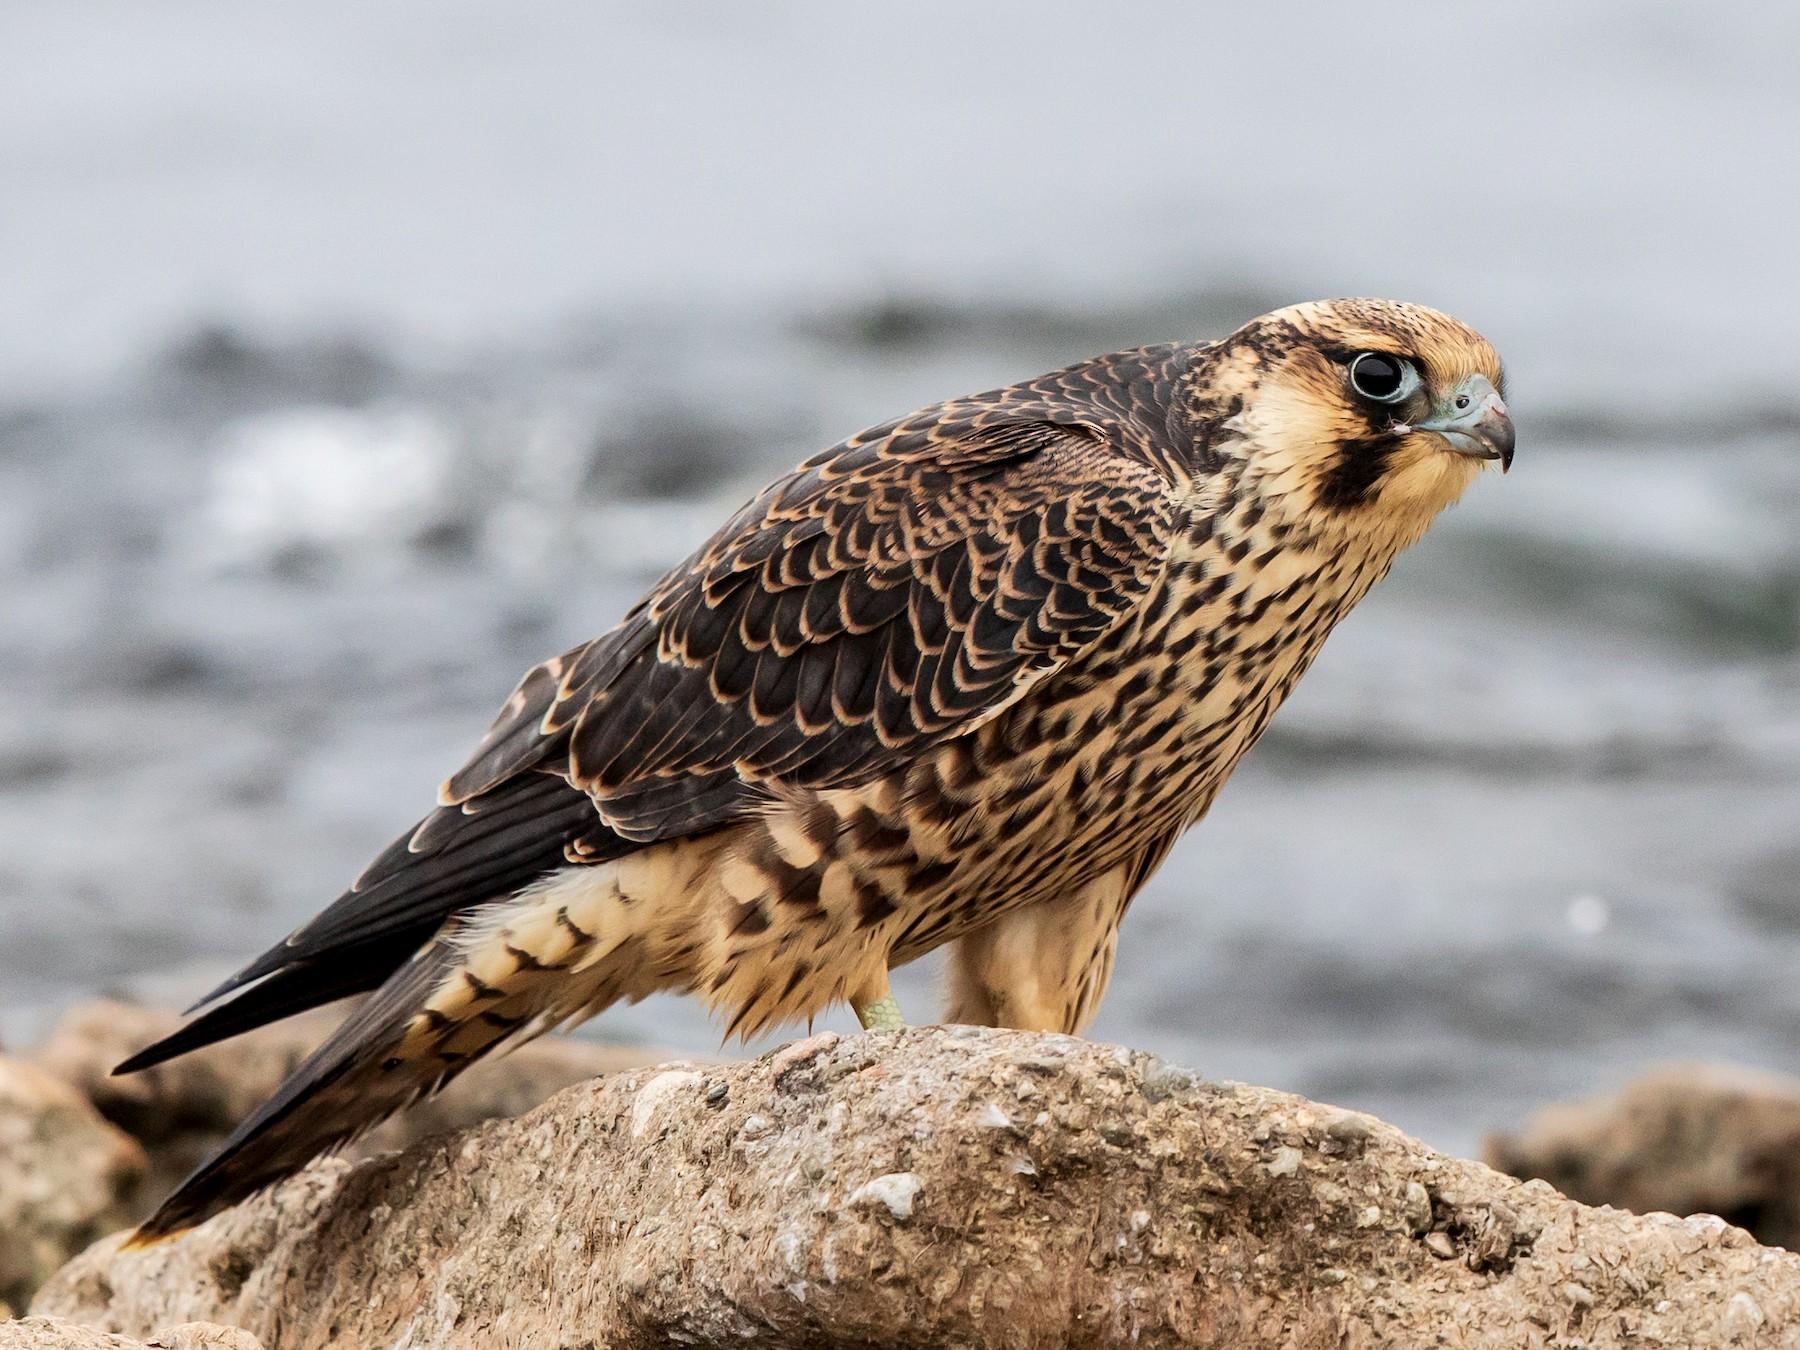 Peregrine Falcon - Brian Stahls